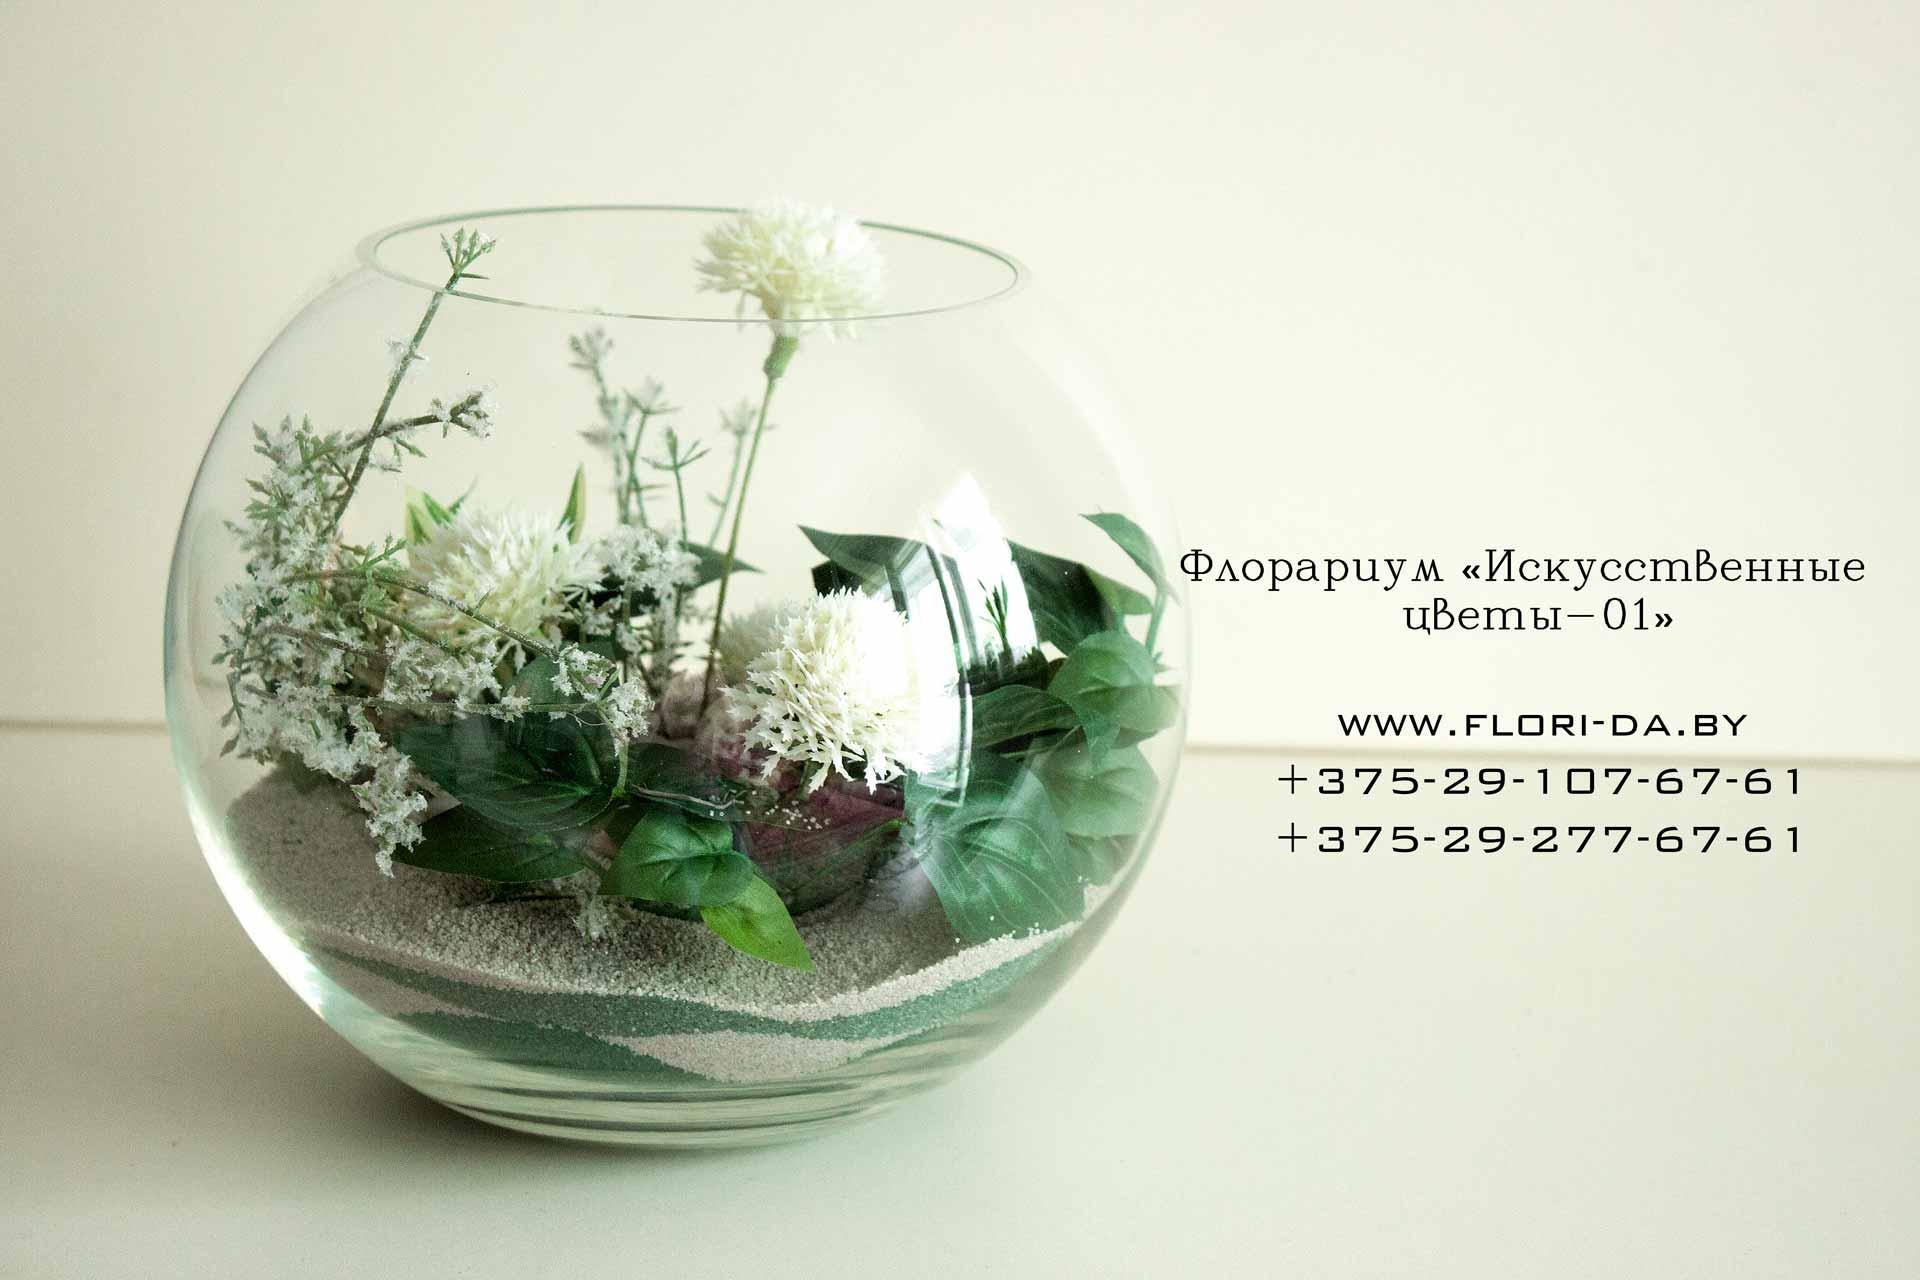 Купить флорариум в Минске